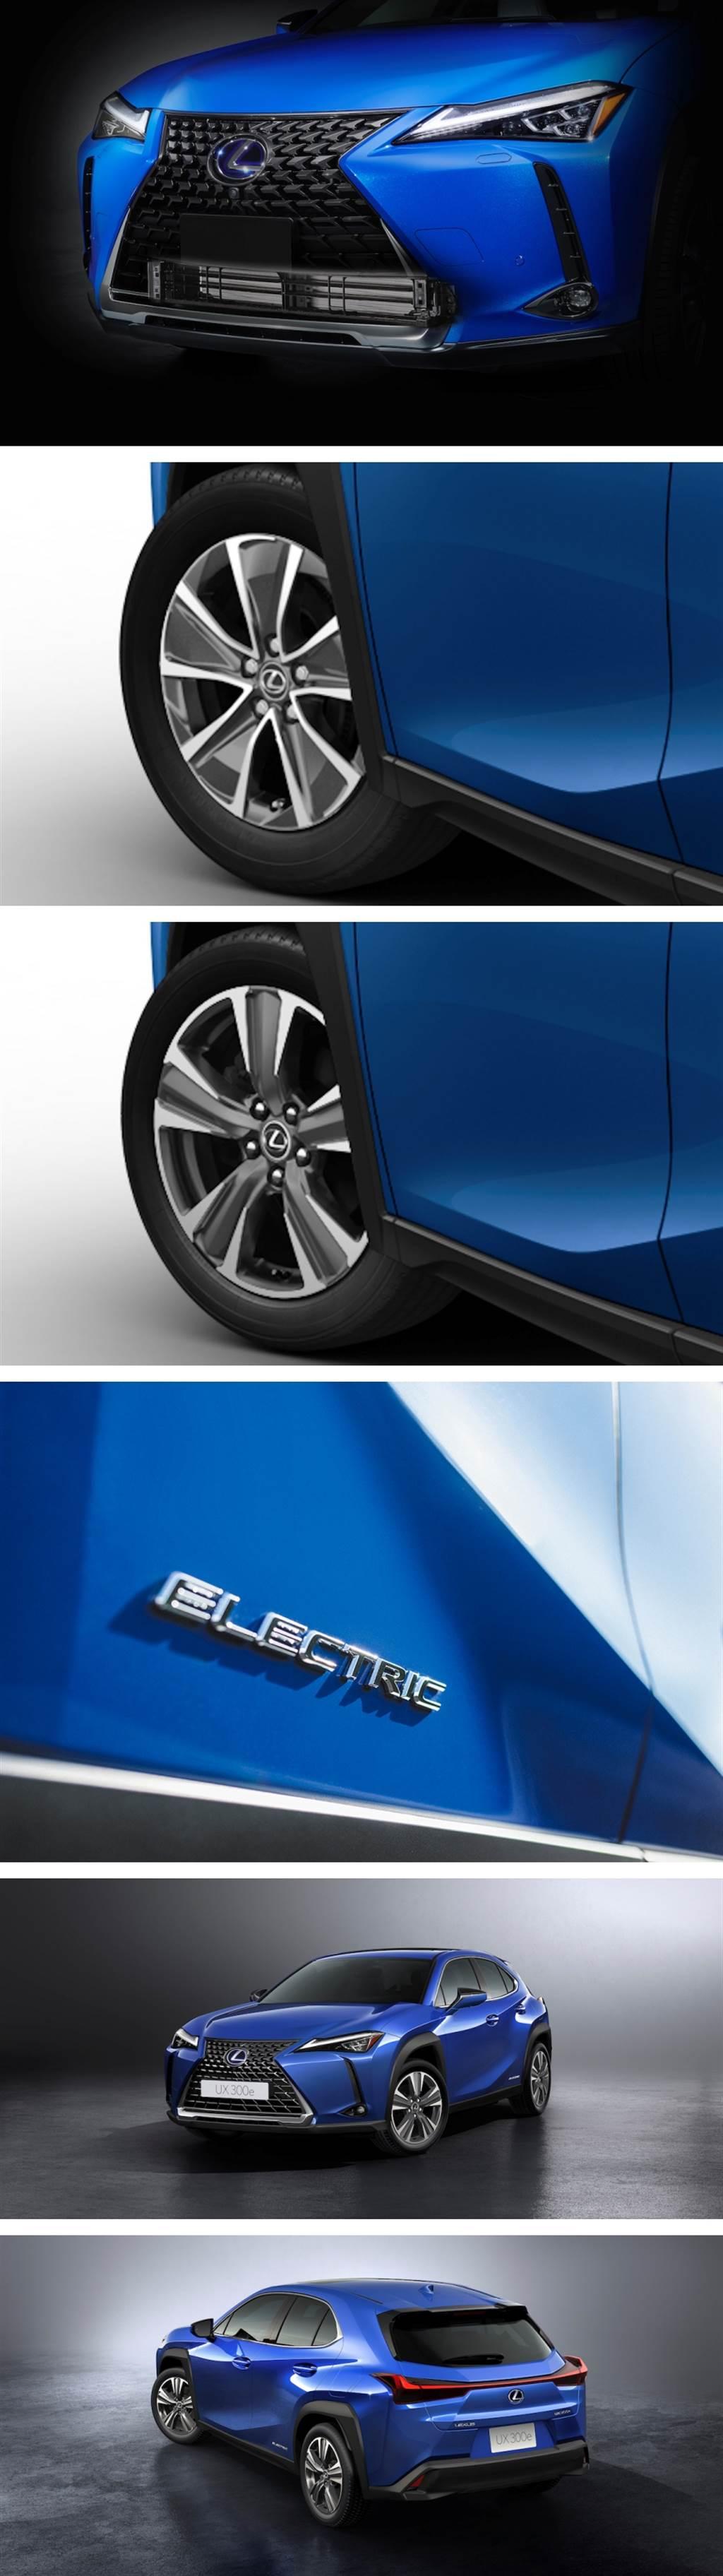 續航力達367km,Lexus UX300e 純電車日本開賣、2020年度配額僅135台!